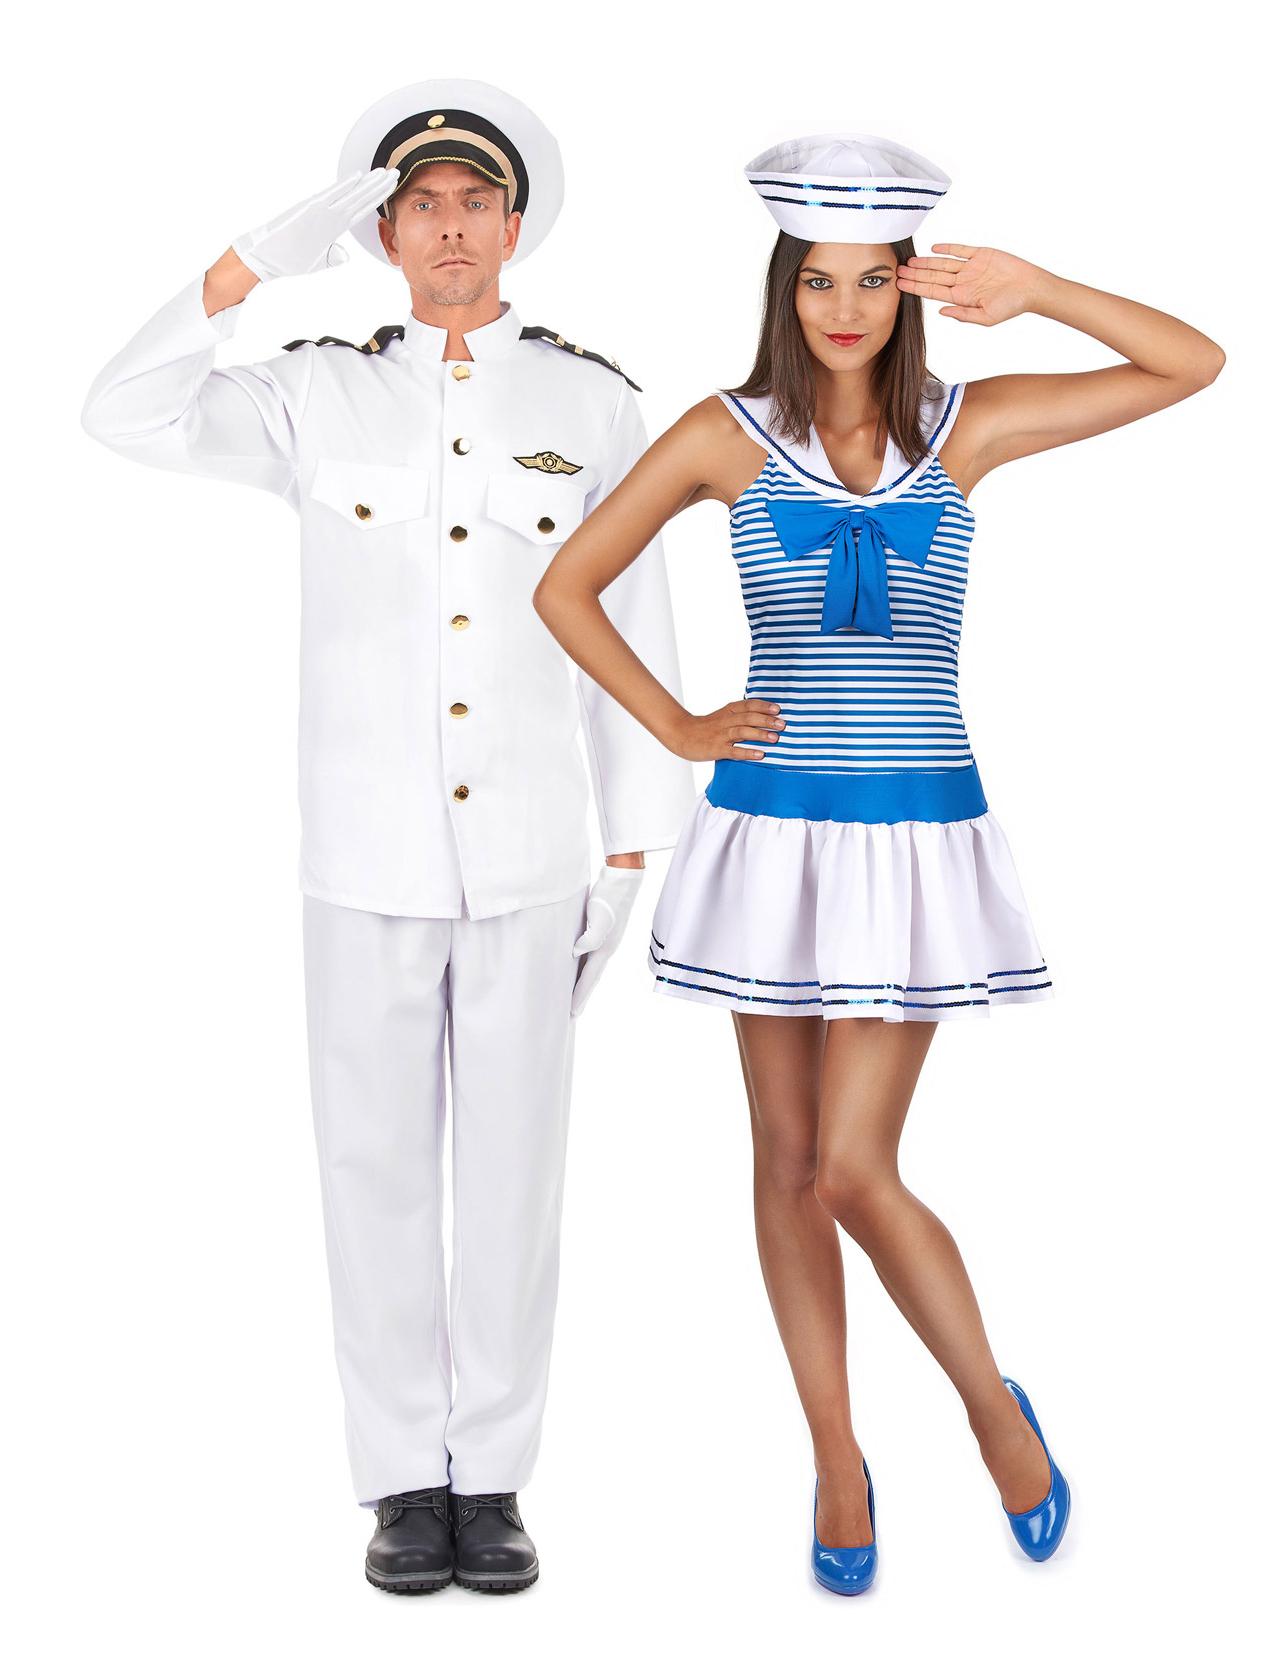 27a14258dbee1b Costume coppia di marinai adulto: Costumi coppia,e vestiti di ...